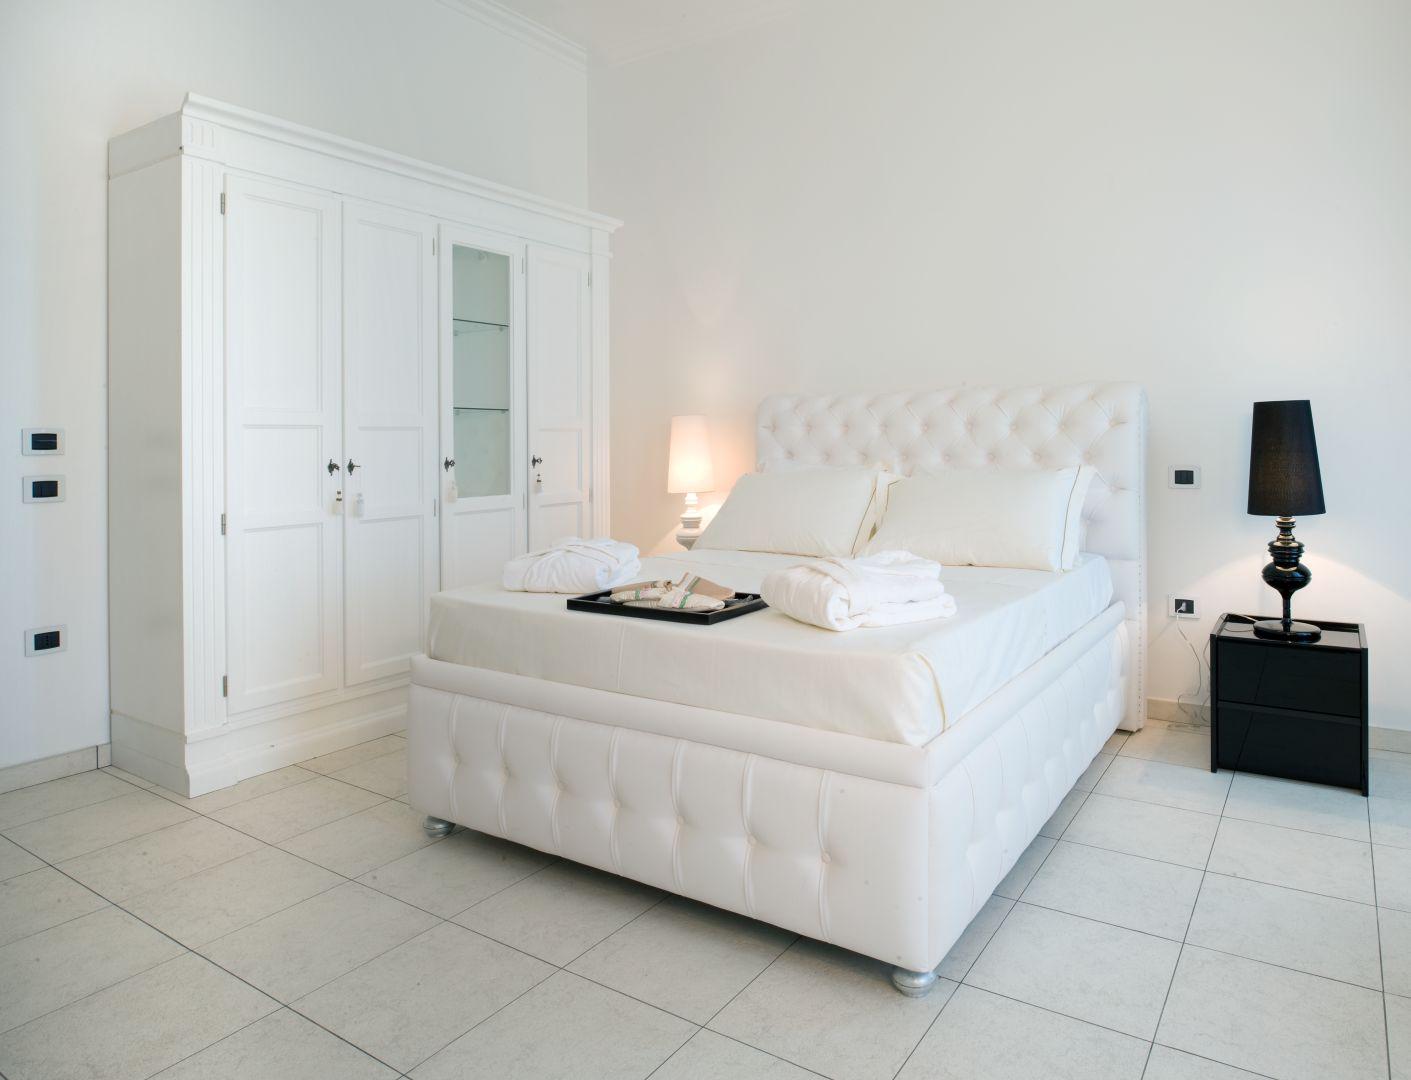 Monastero di cherasco vimar energia positiva - Camera da letto contemporanea bianca ...